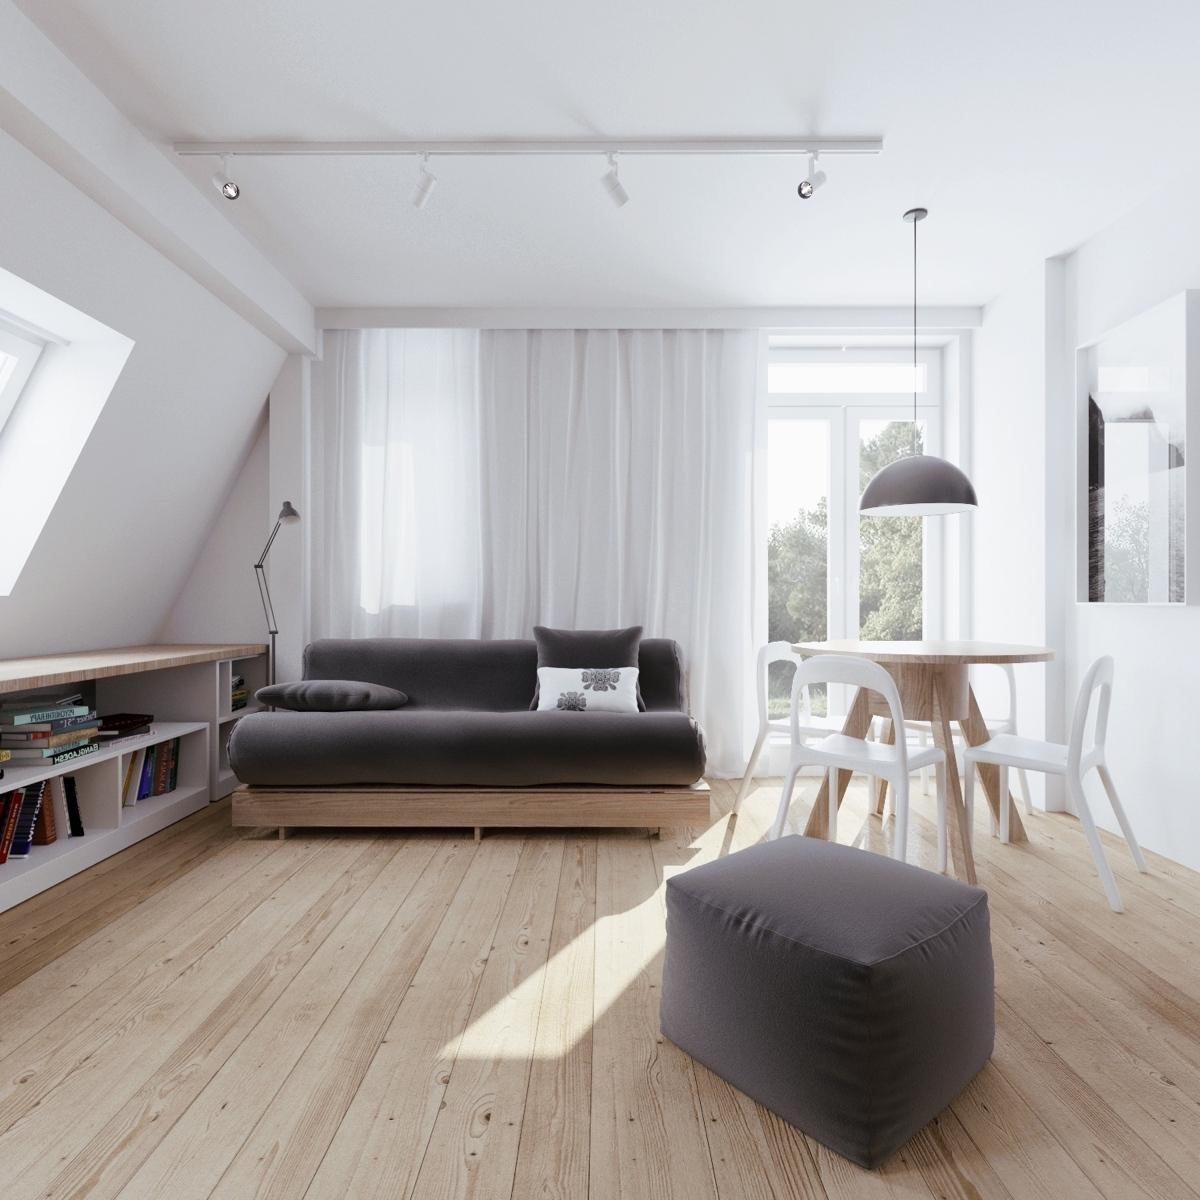 Жизнь под крышей: как обустроить мансарду? Советы дизайнера